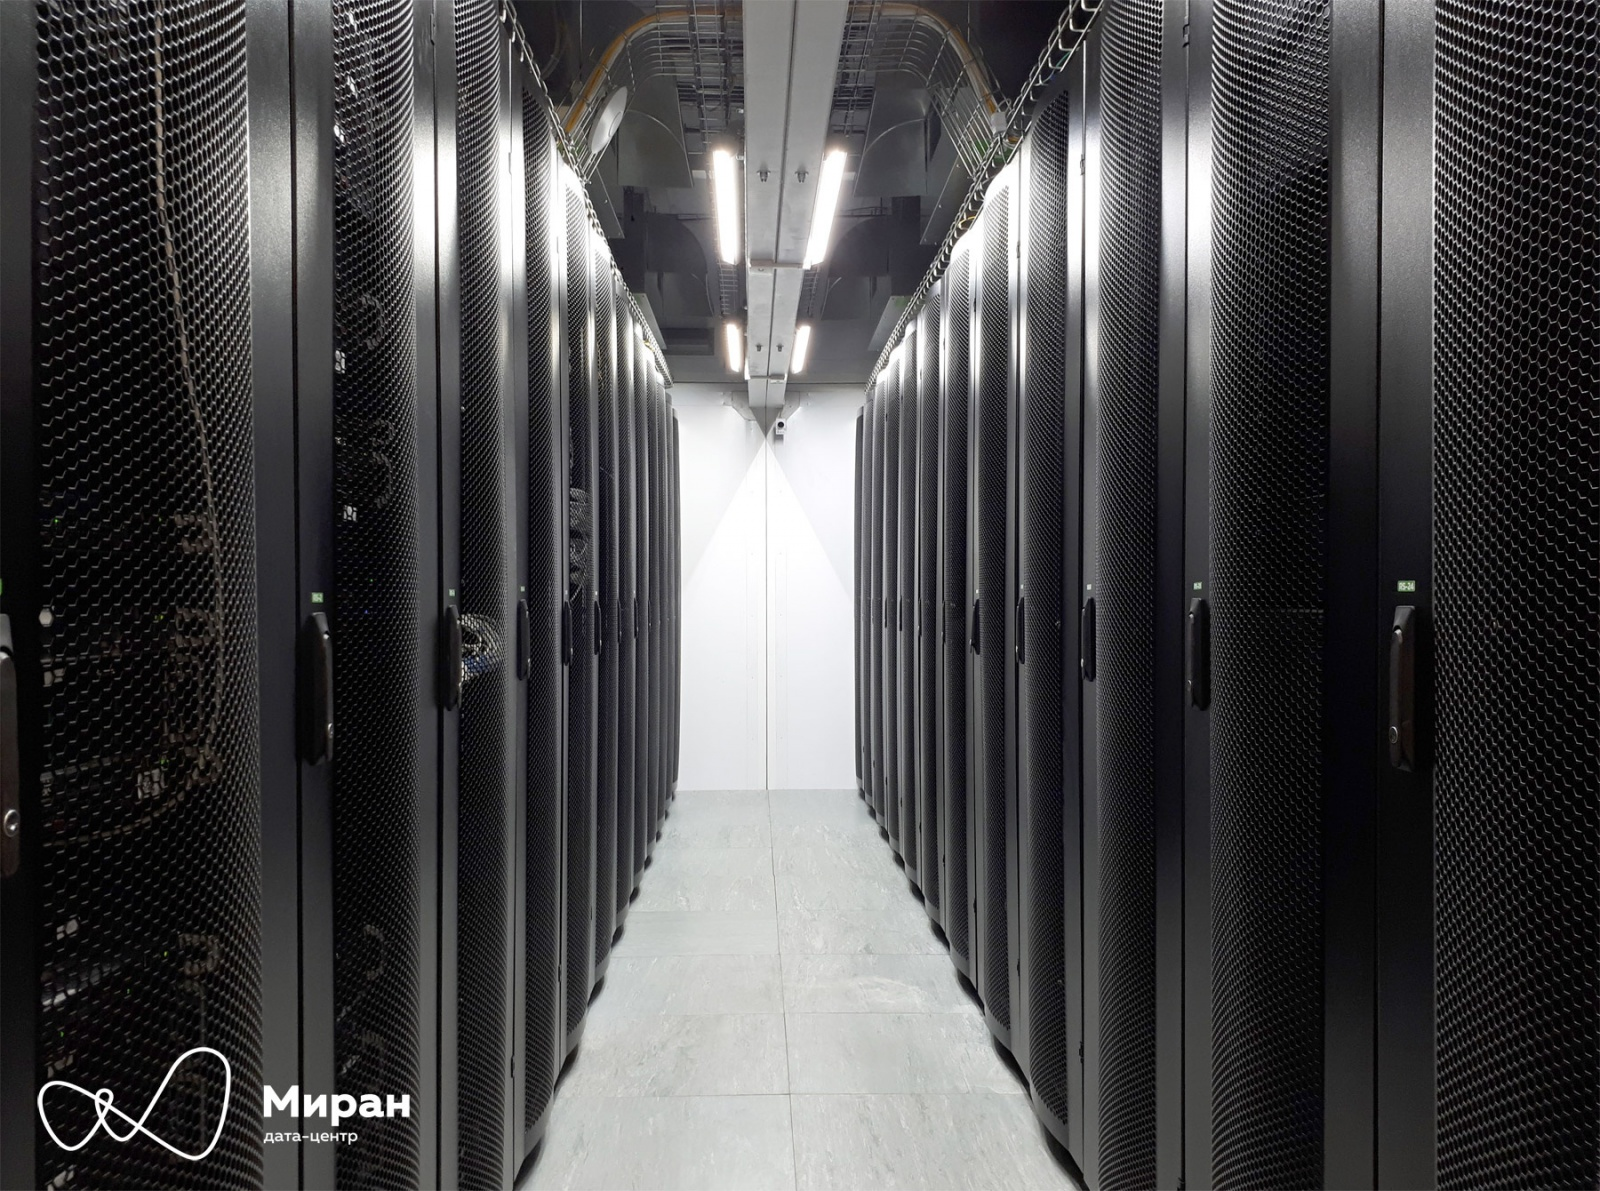 Инженерные системы наших дата-центров и их мониторинг, часть первая - 1